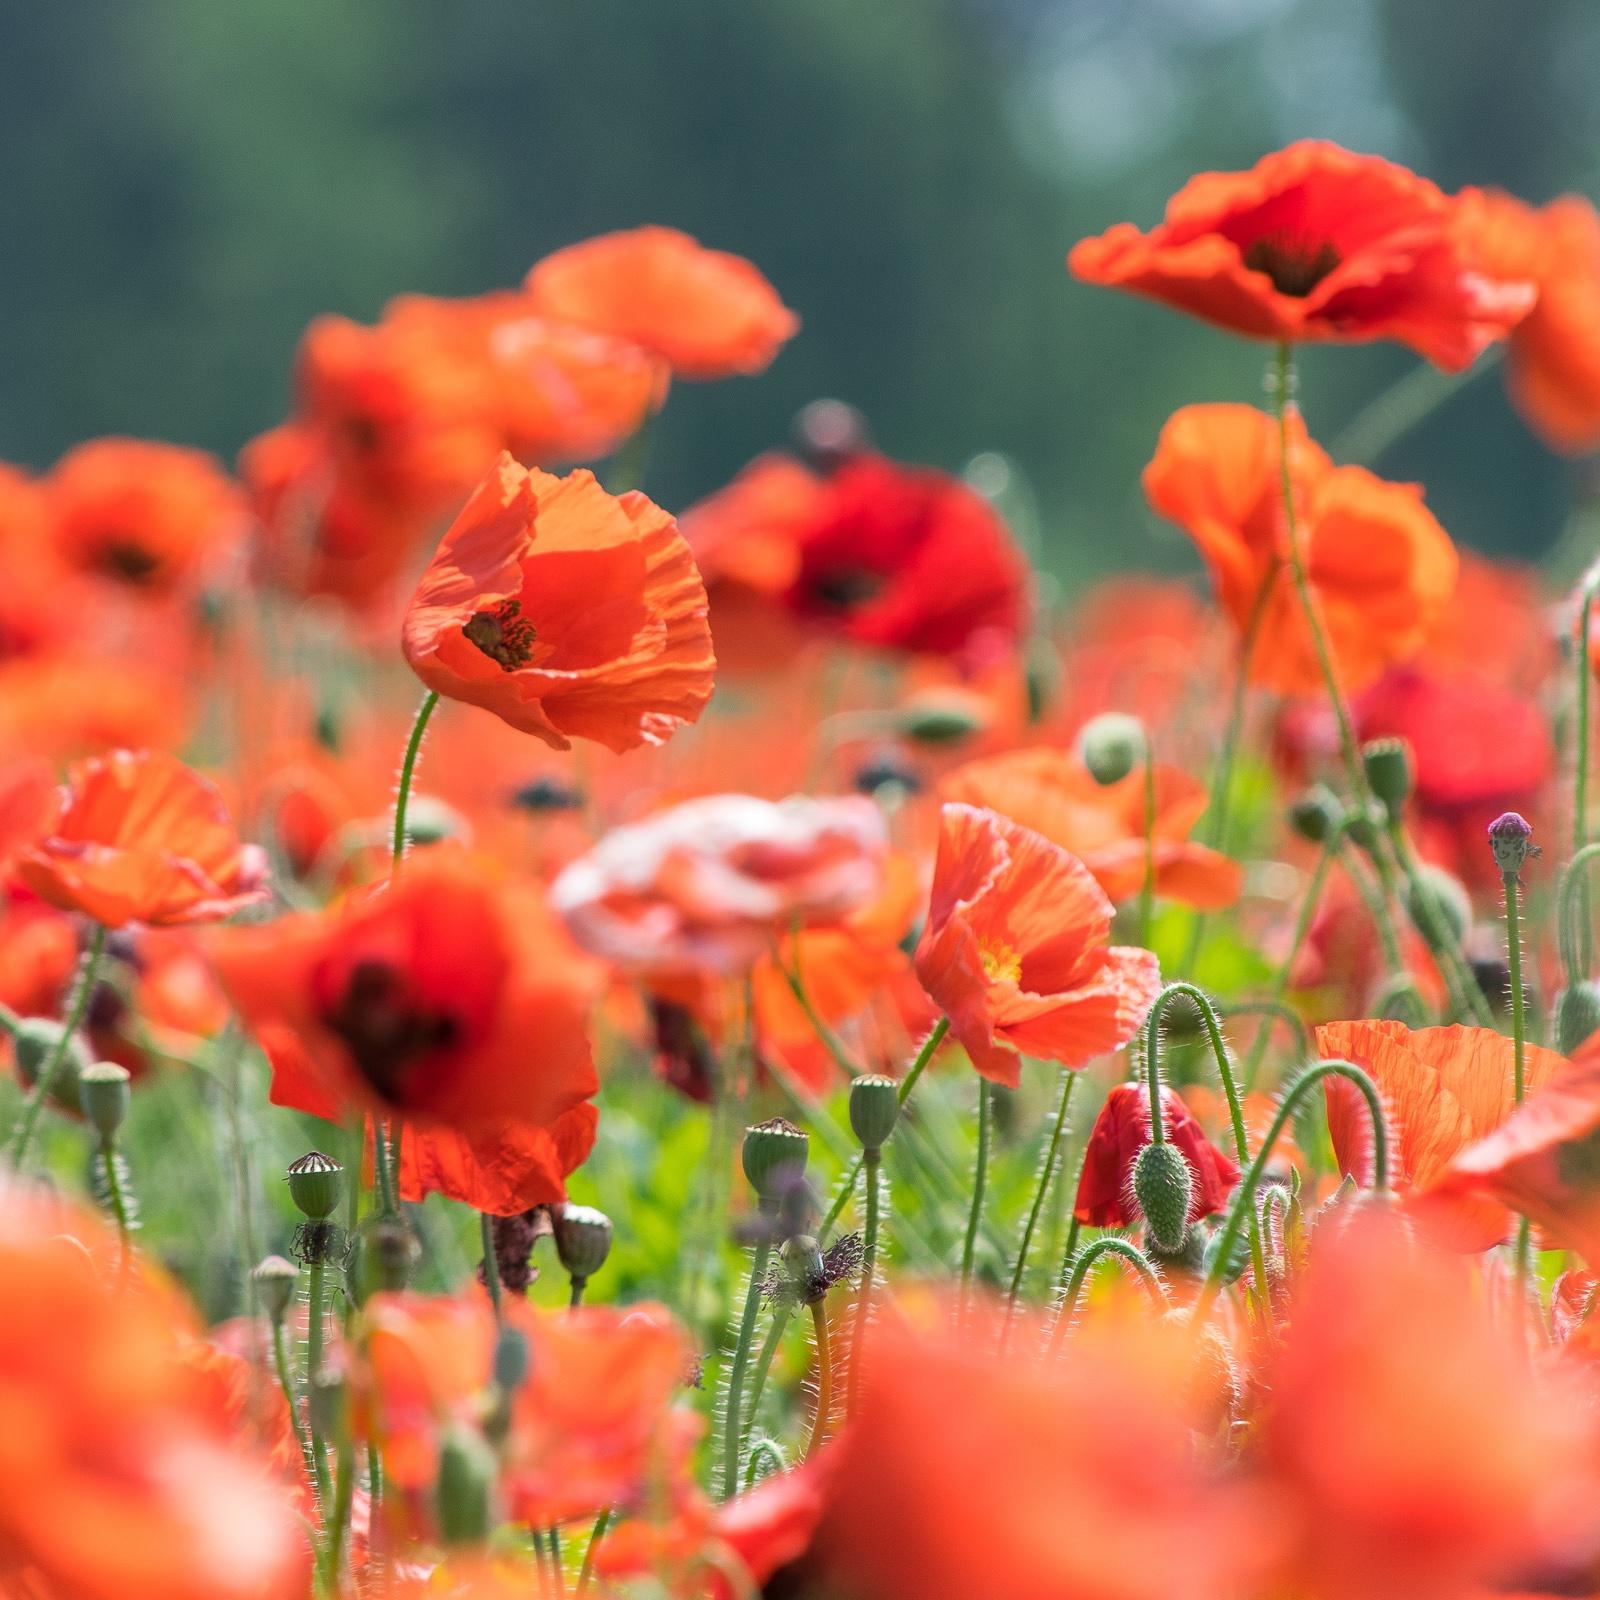 Red Corn Poppy field